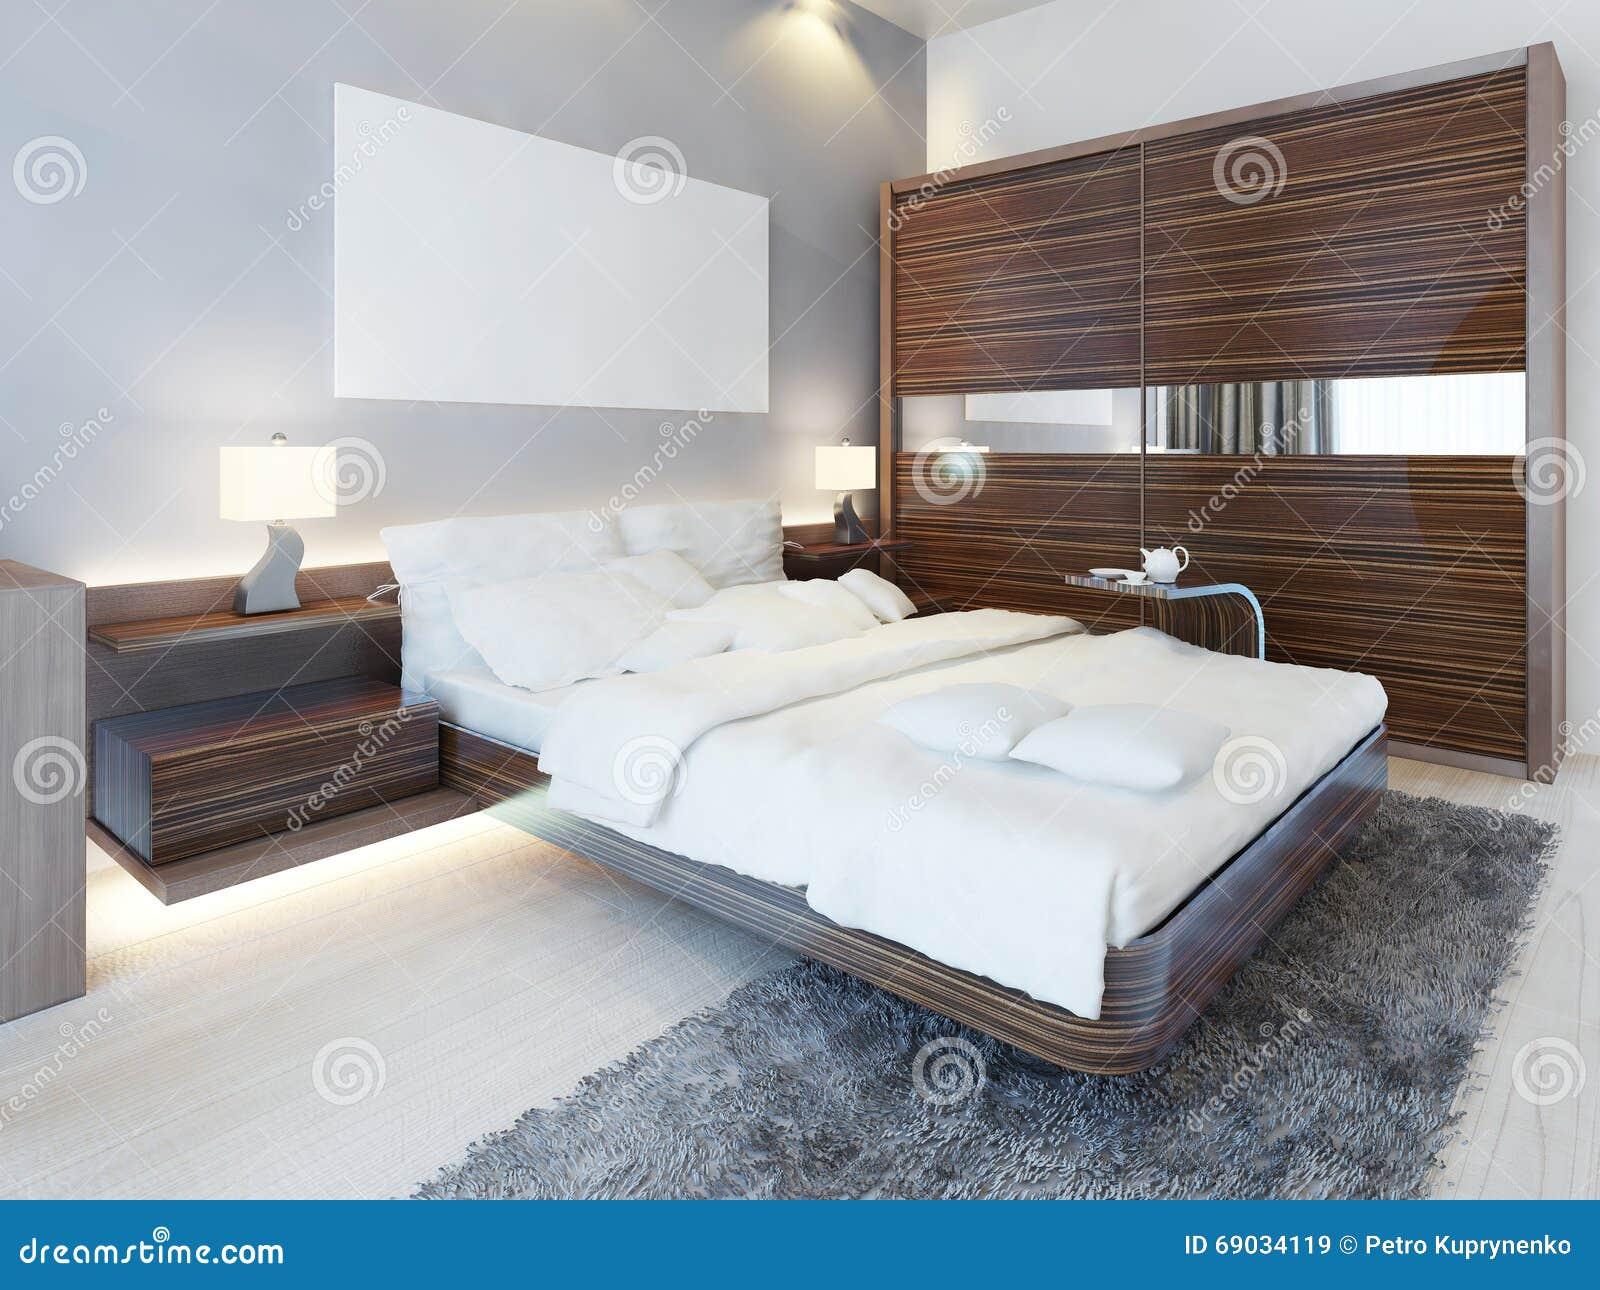 Witte slaapkamer stoel beste inspiratie voor huis ontwerp - Eigentijdse stijl slaapkamer ...